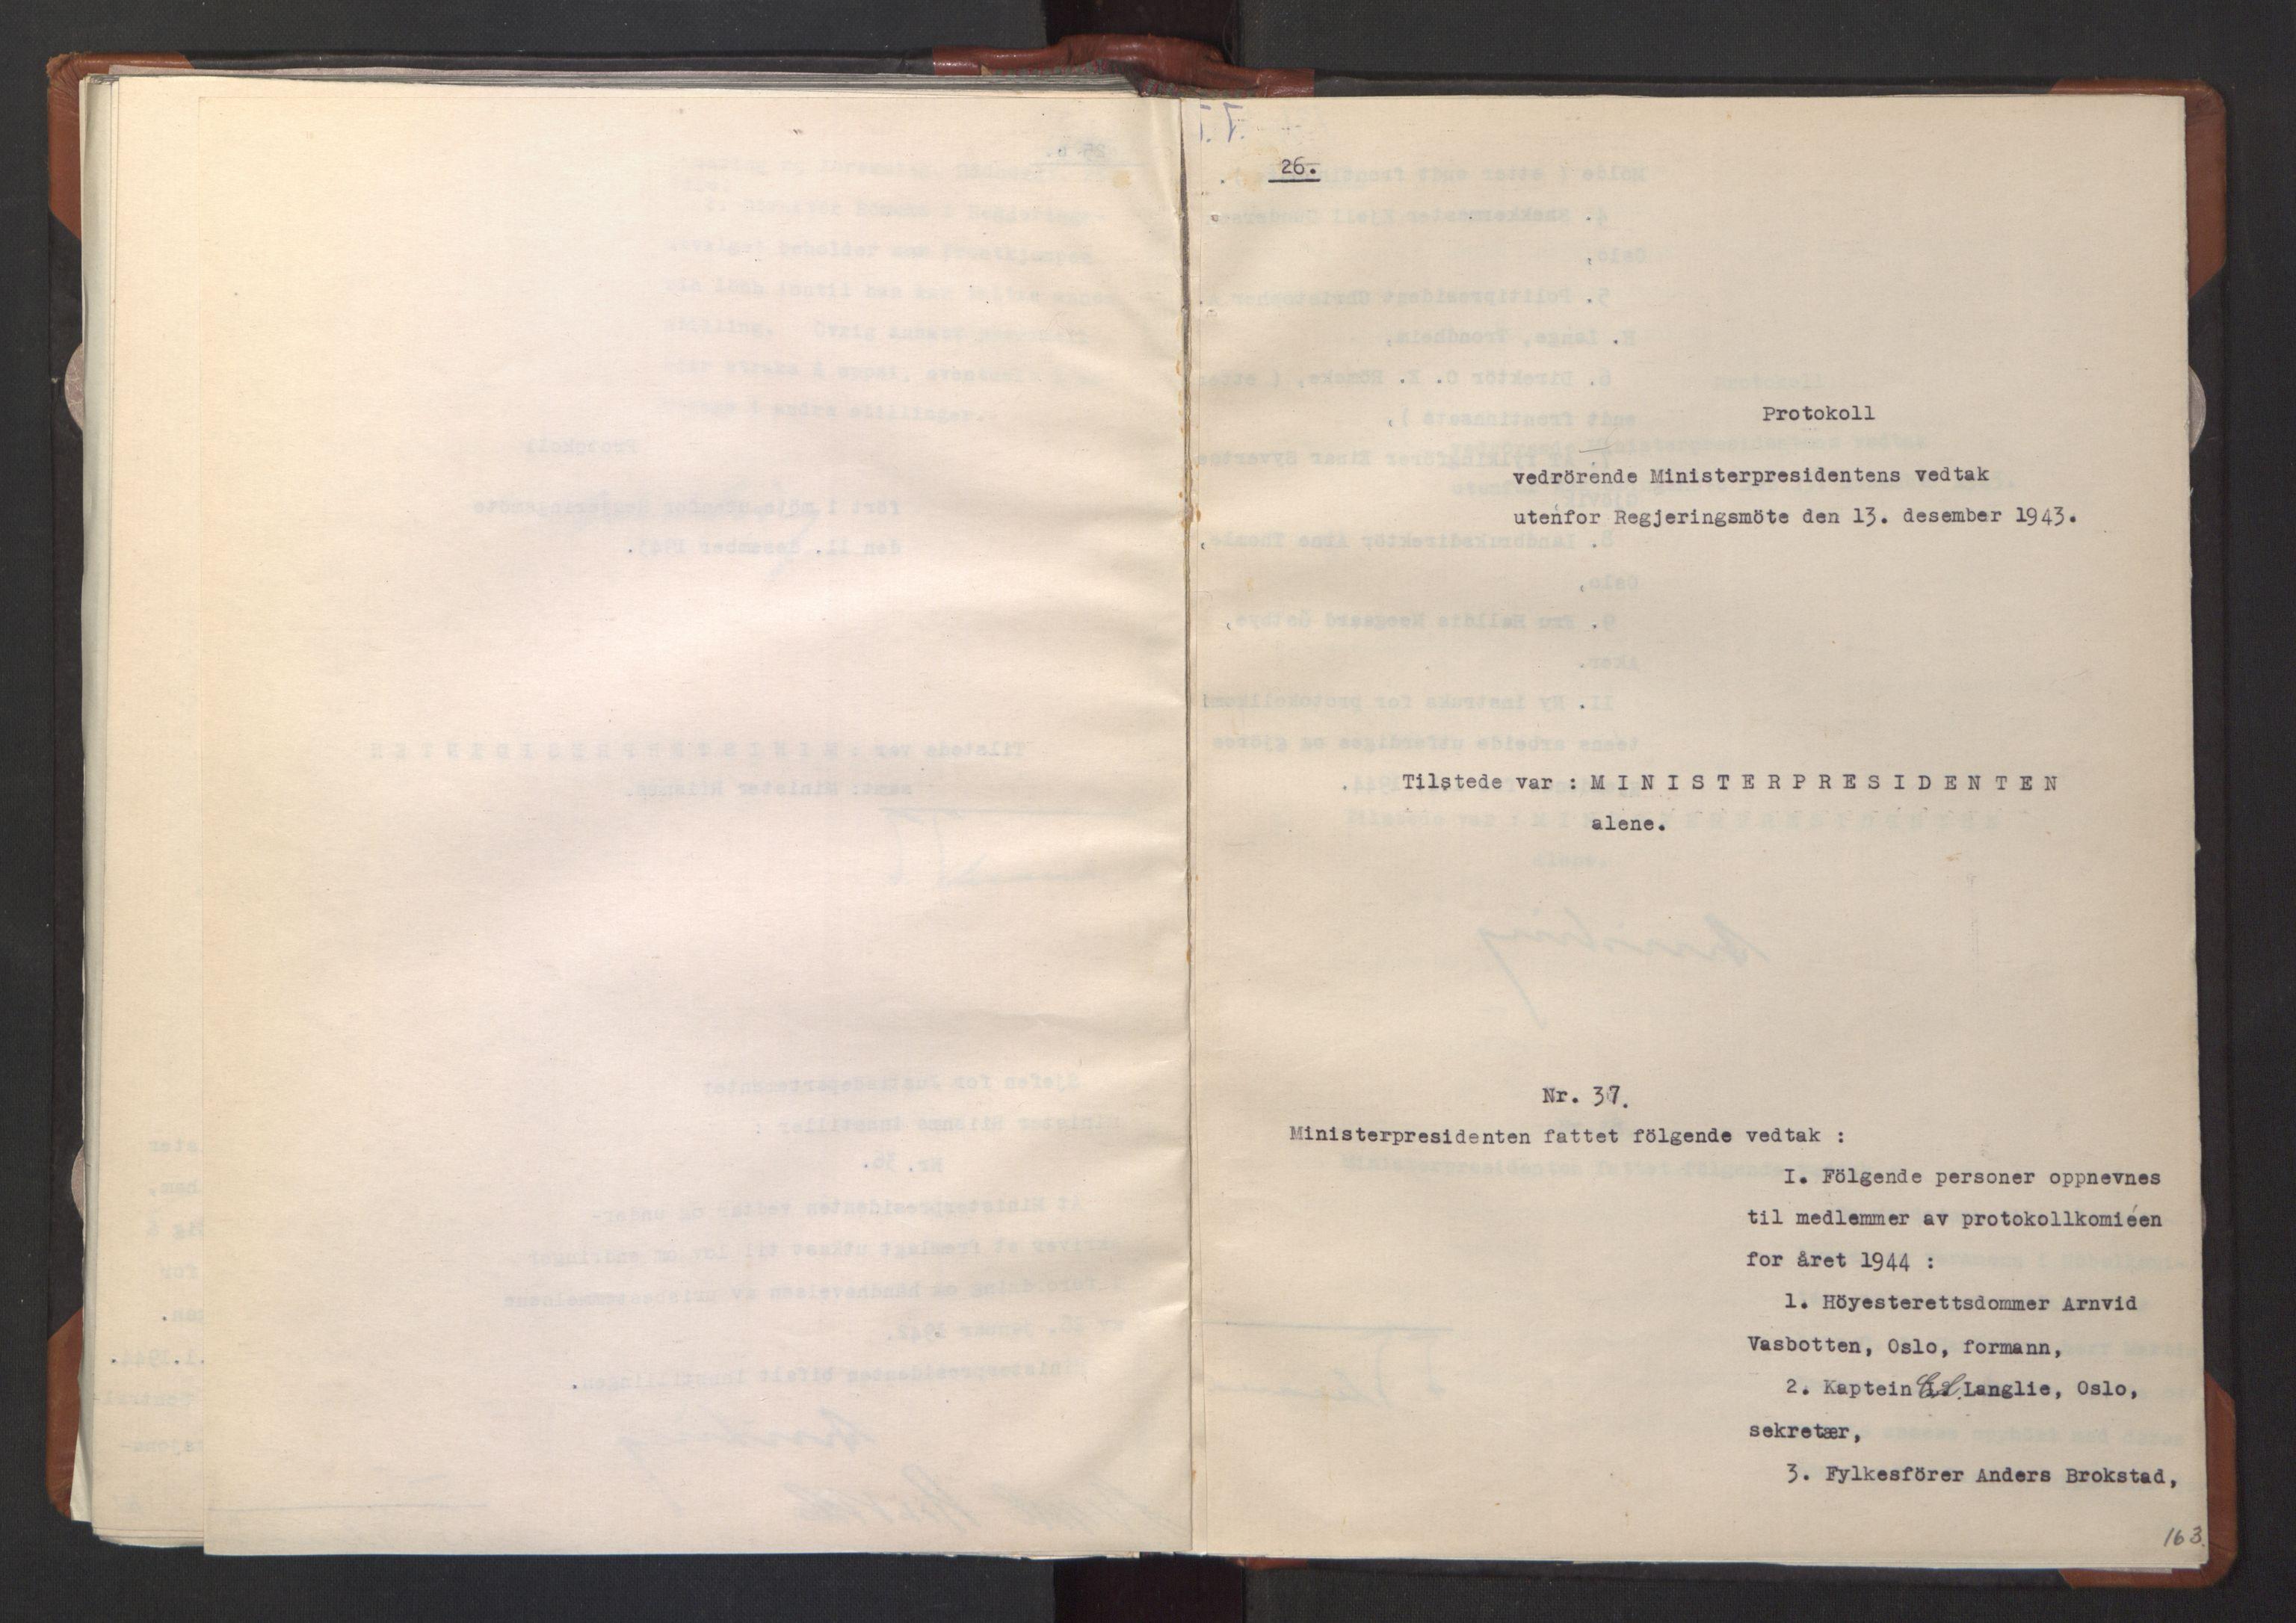 RA, NS-administrasjonen 1940-1945 (Statsrådsekretariatet, de kommisariske statsråder mm), D/Da/L0003: Vedtak (Beslutninger) nr. 1-746 og tillegg nr. 1-47 (RA. j.nr. 1394/1944, tilgangsnr. 8/1944, 1943, s. 162b-163a